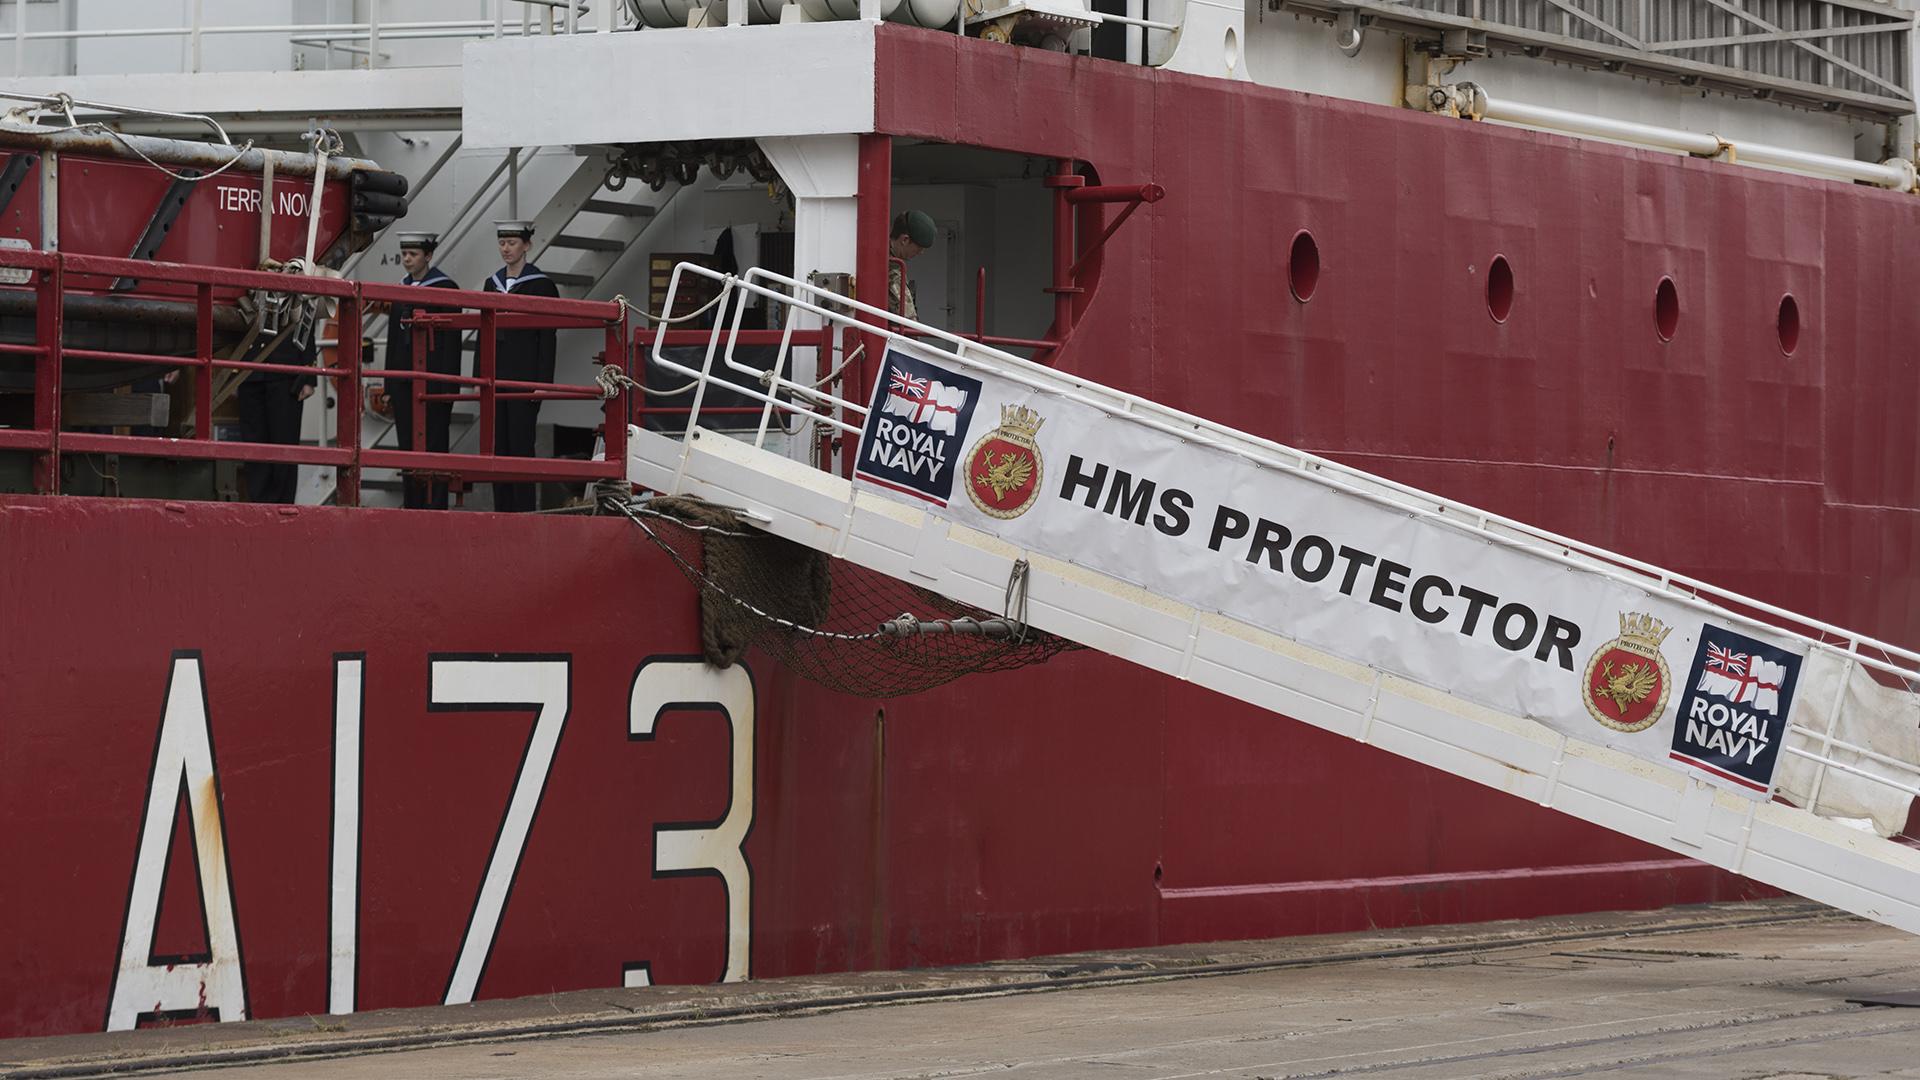 El HMS Protectorse encuentra en el puerto de Buenos Airestras participar de la búsqueda del submarino ARA San Juan y de la campaña antártica británica